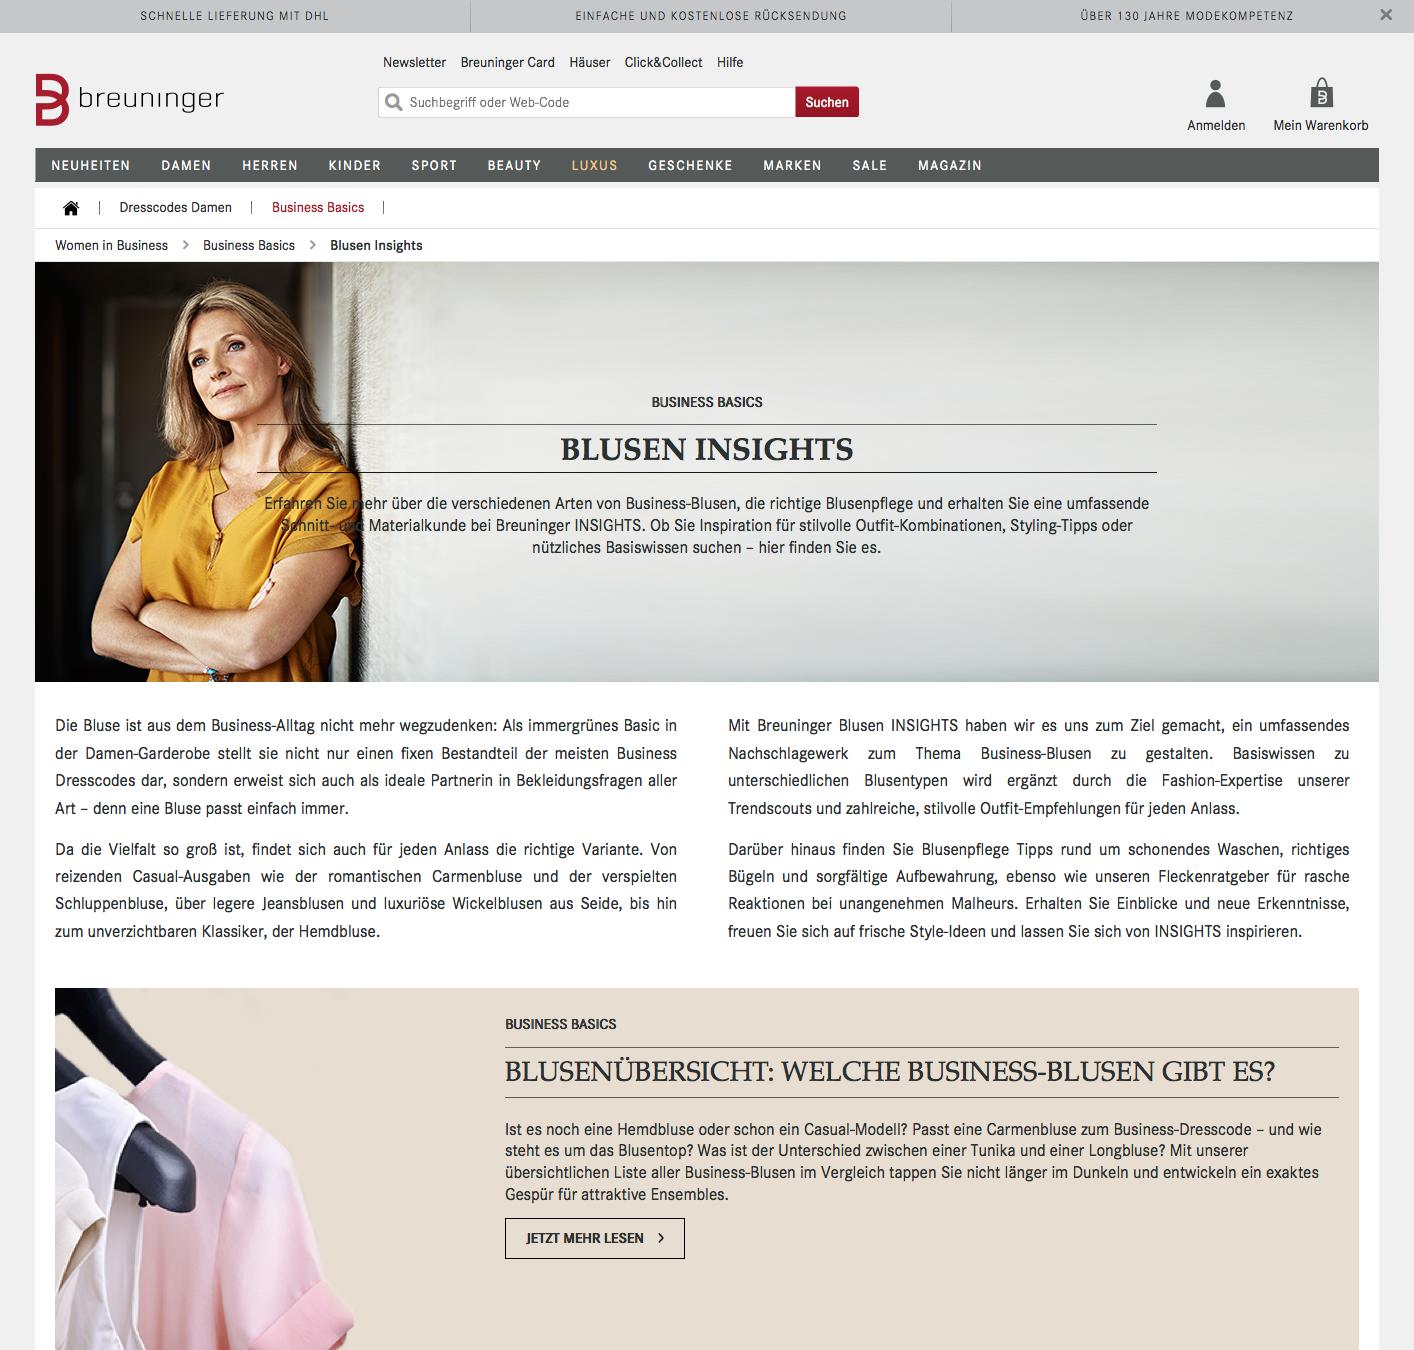 Previw der Blusen Insights Women in Business